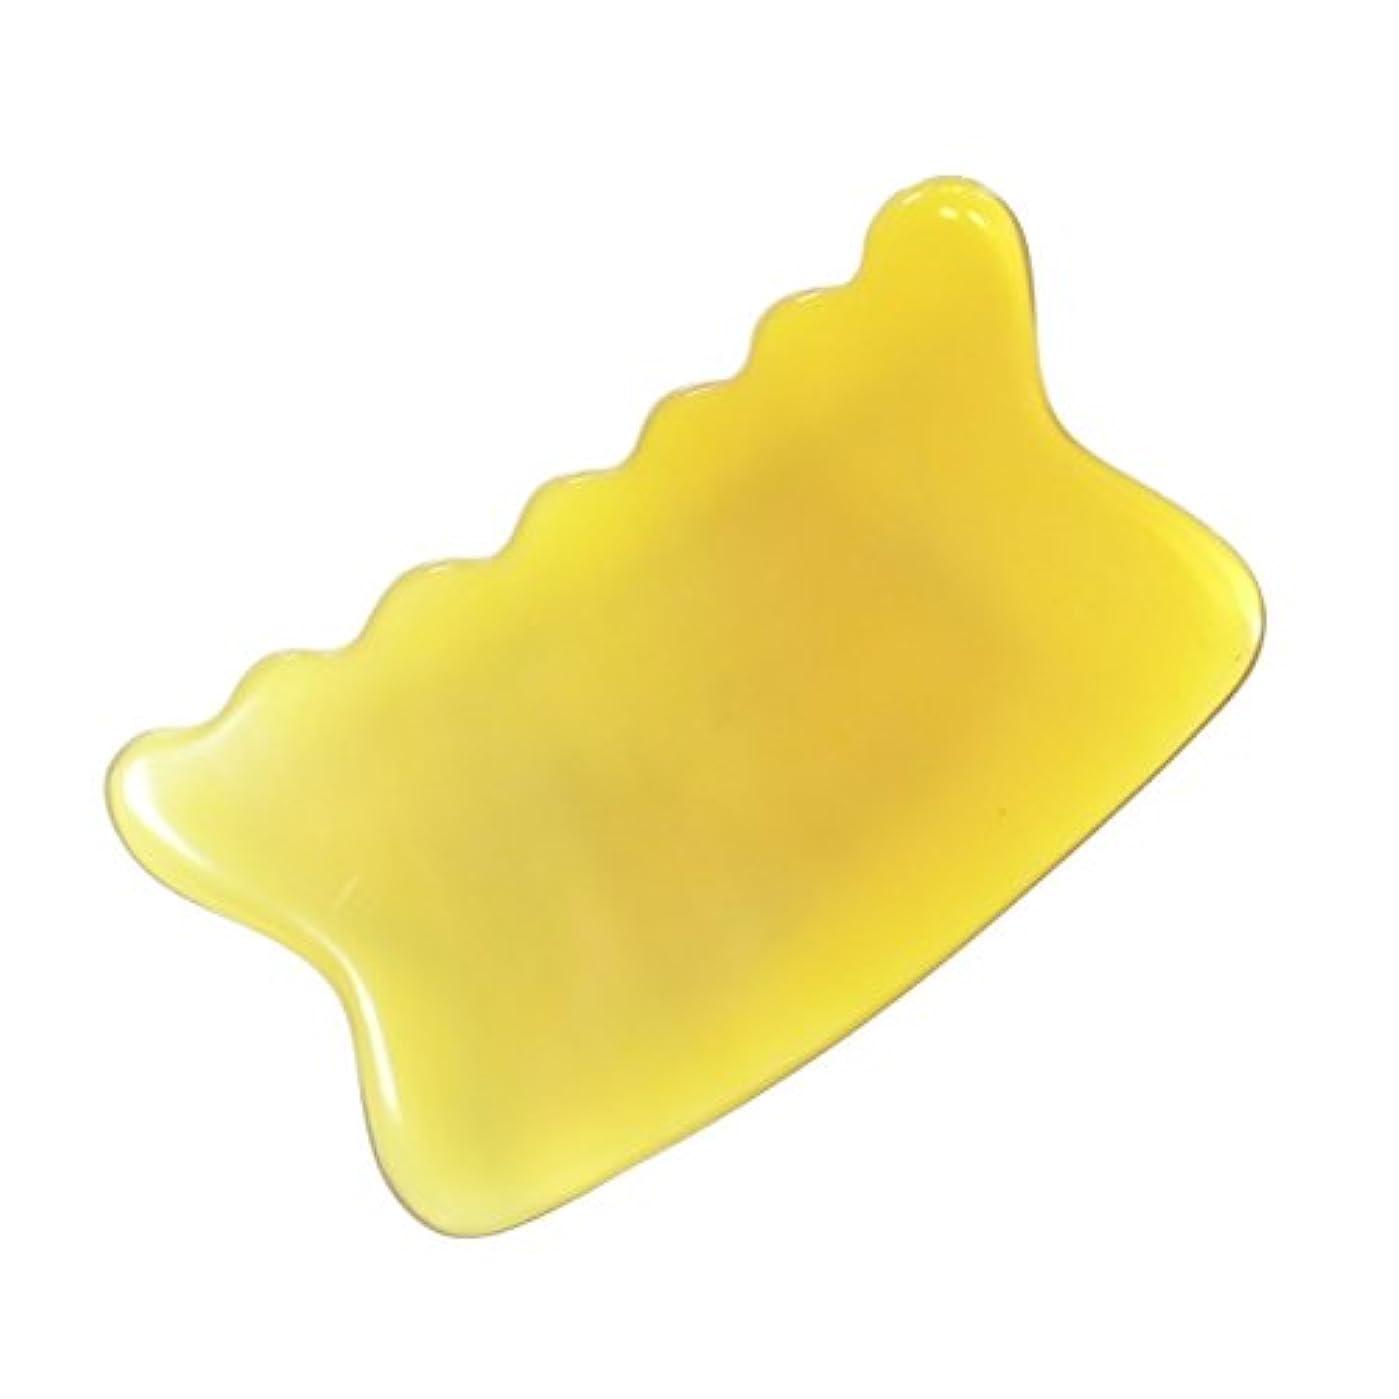 ビバタイムリーなムスかっさ プレート 希少55 黄水牛角 極美品 曲波型